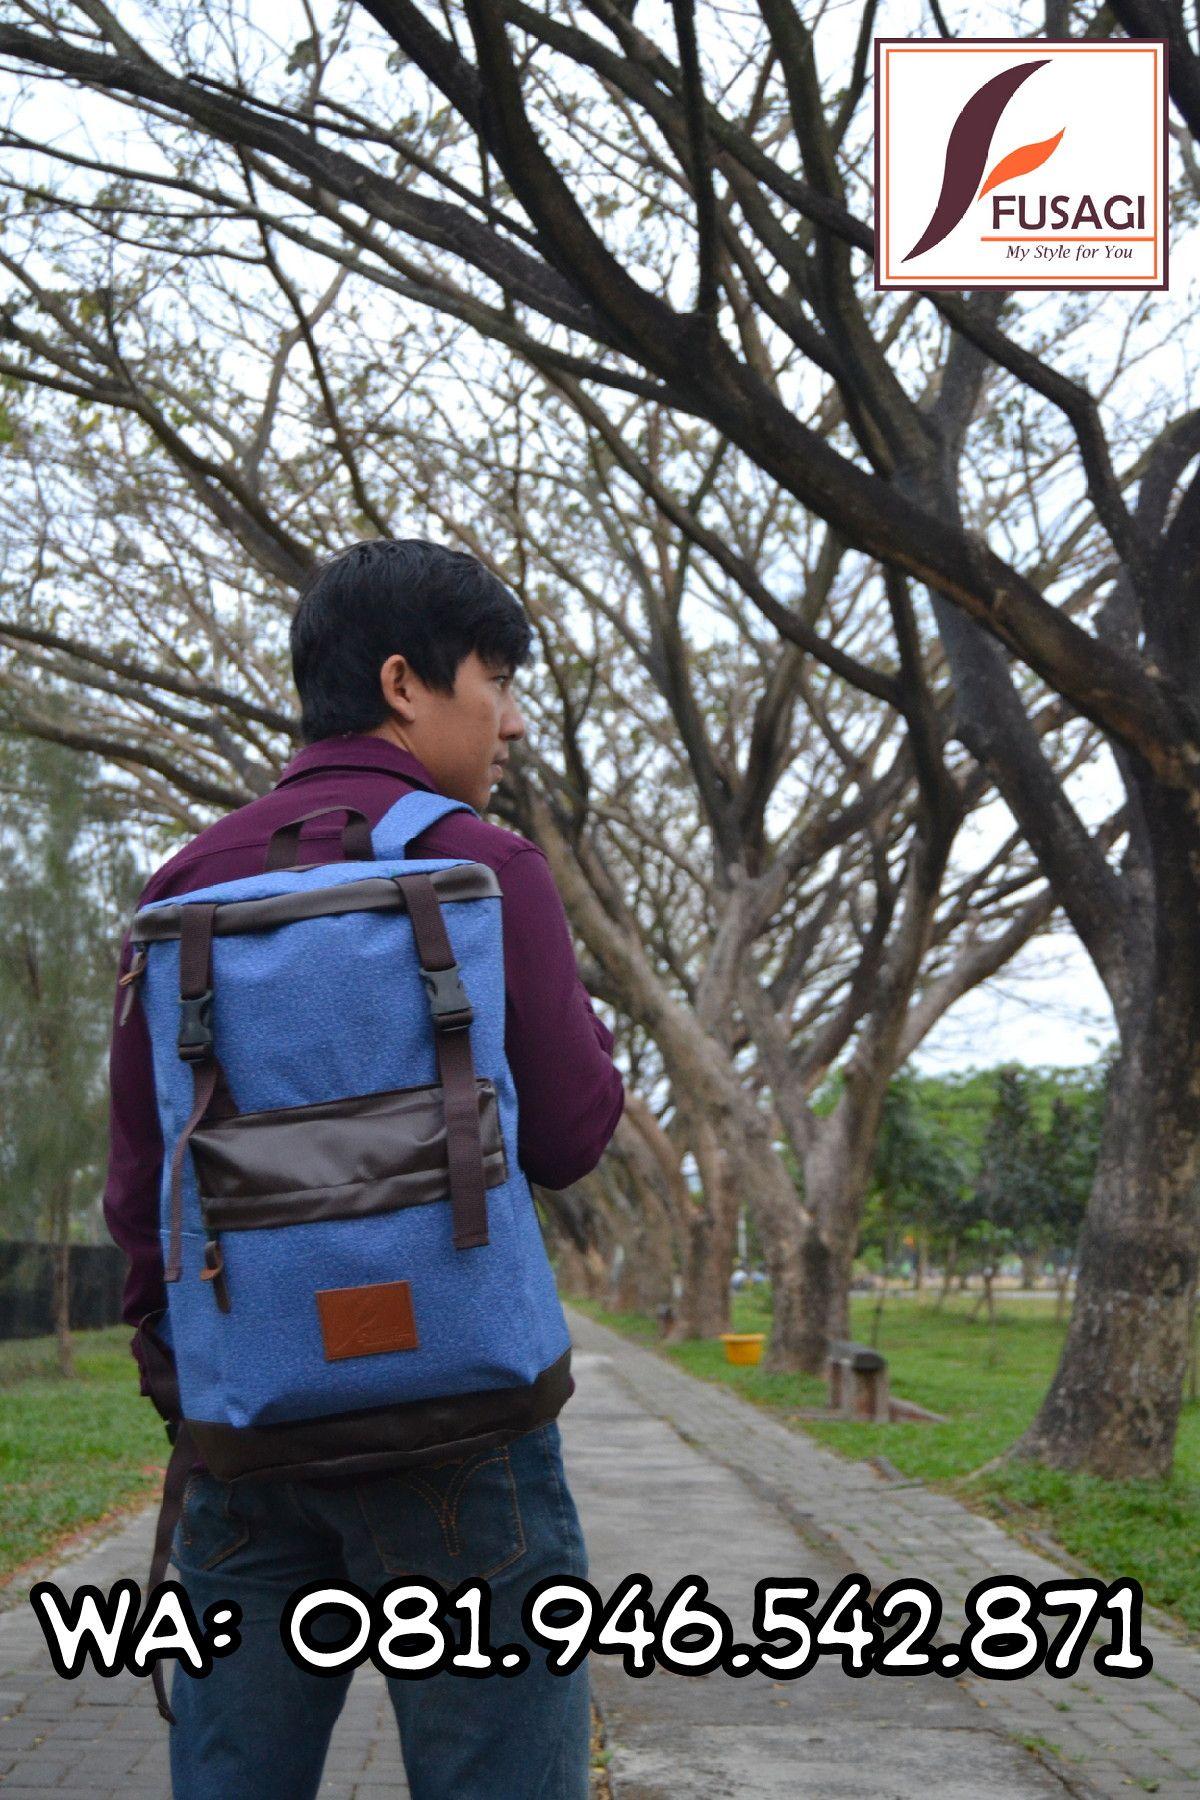 ... Ransel Fusagi oleh Tas Backpack. Bahan luar cordura Bagian dalam  menggunakan furing Waist bag fusagi sindara terdiri dari 1 kabin utama d41c87ade5